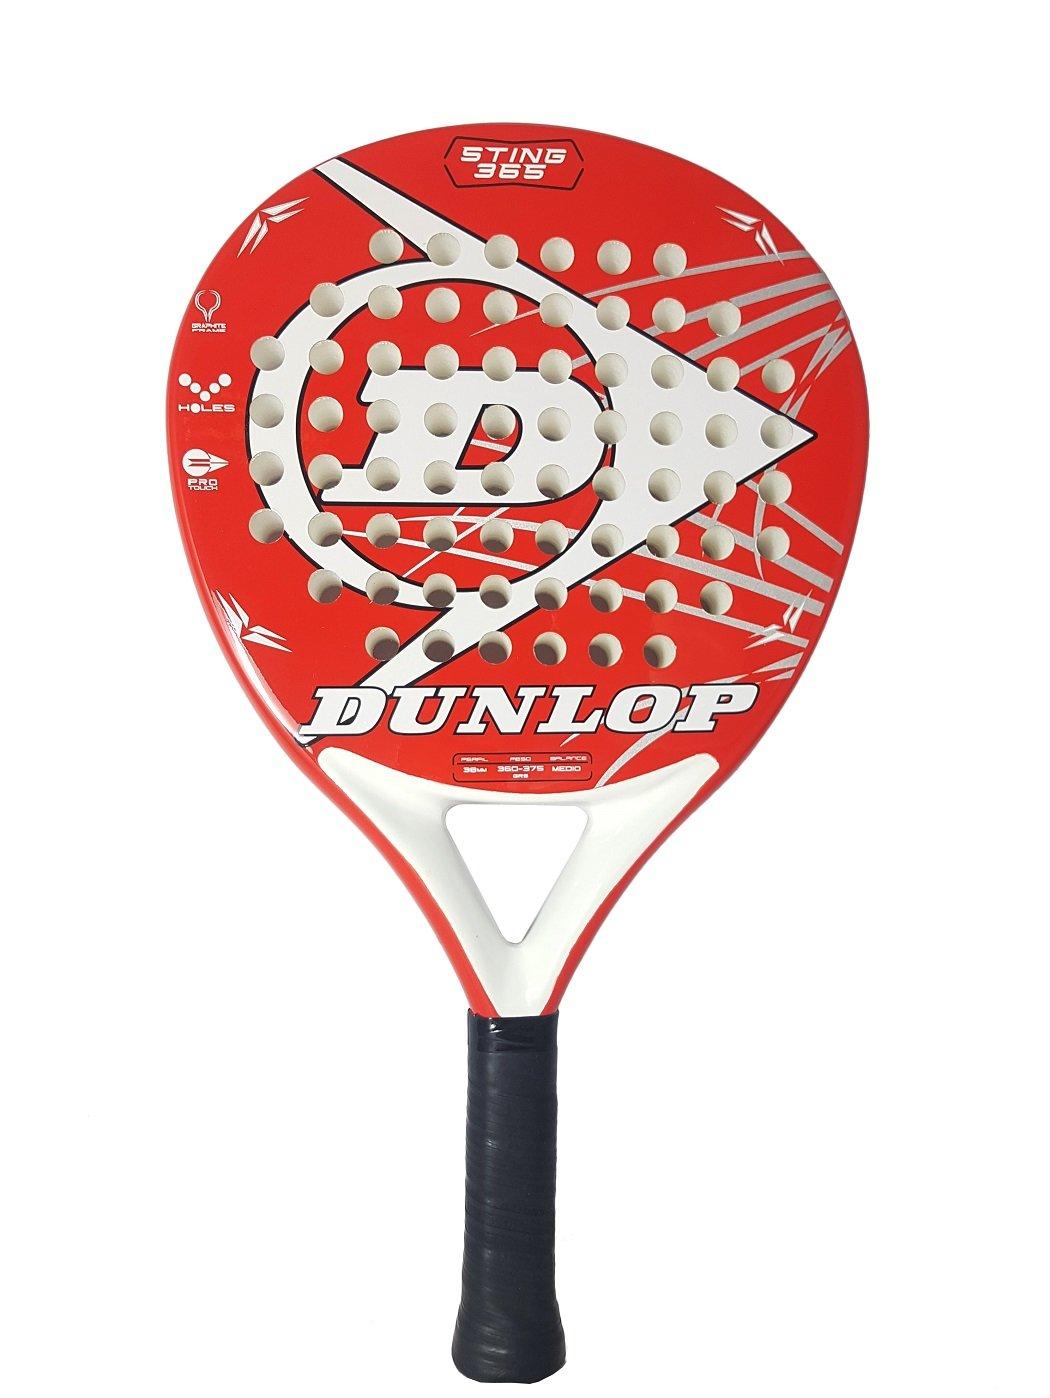 Dunlop Sting 365 Pala de Pádel: Amazon.es: Deportes y aire libre